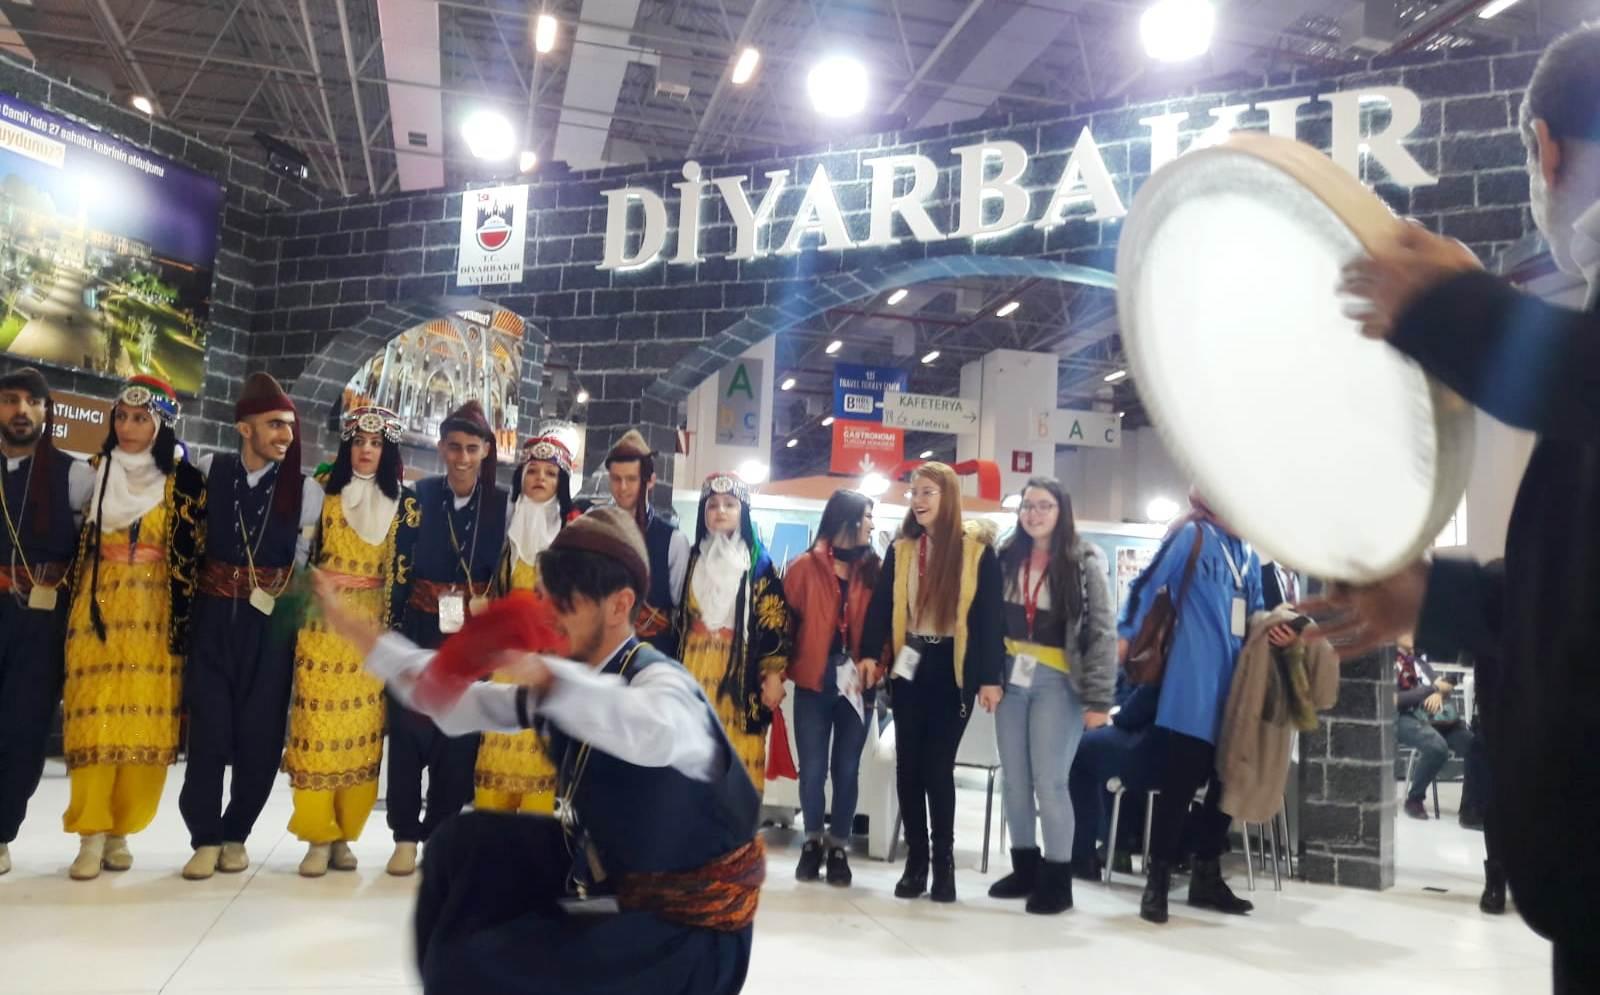 VİDEO- İzmirliler Diyarbakır halayı çekti!